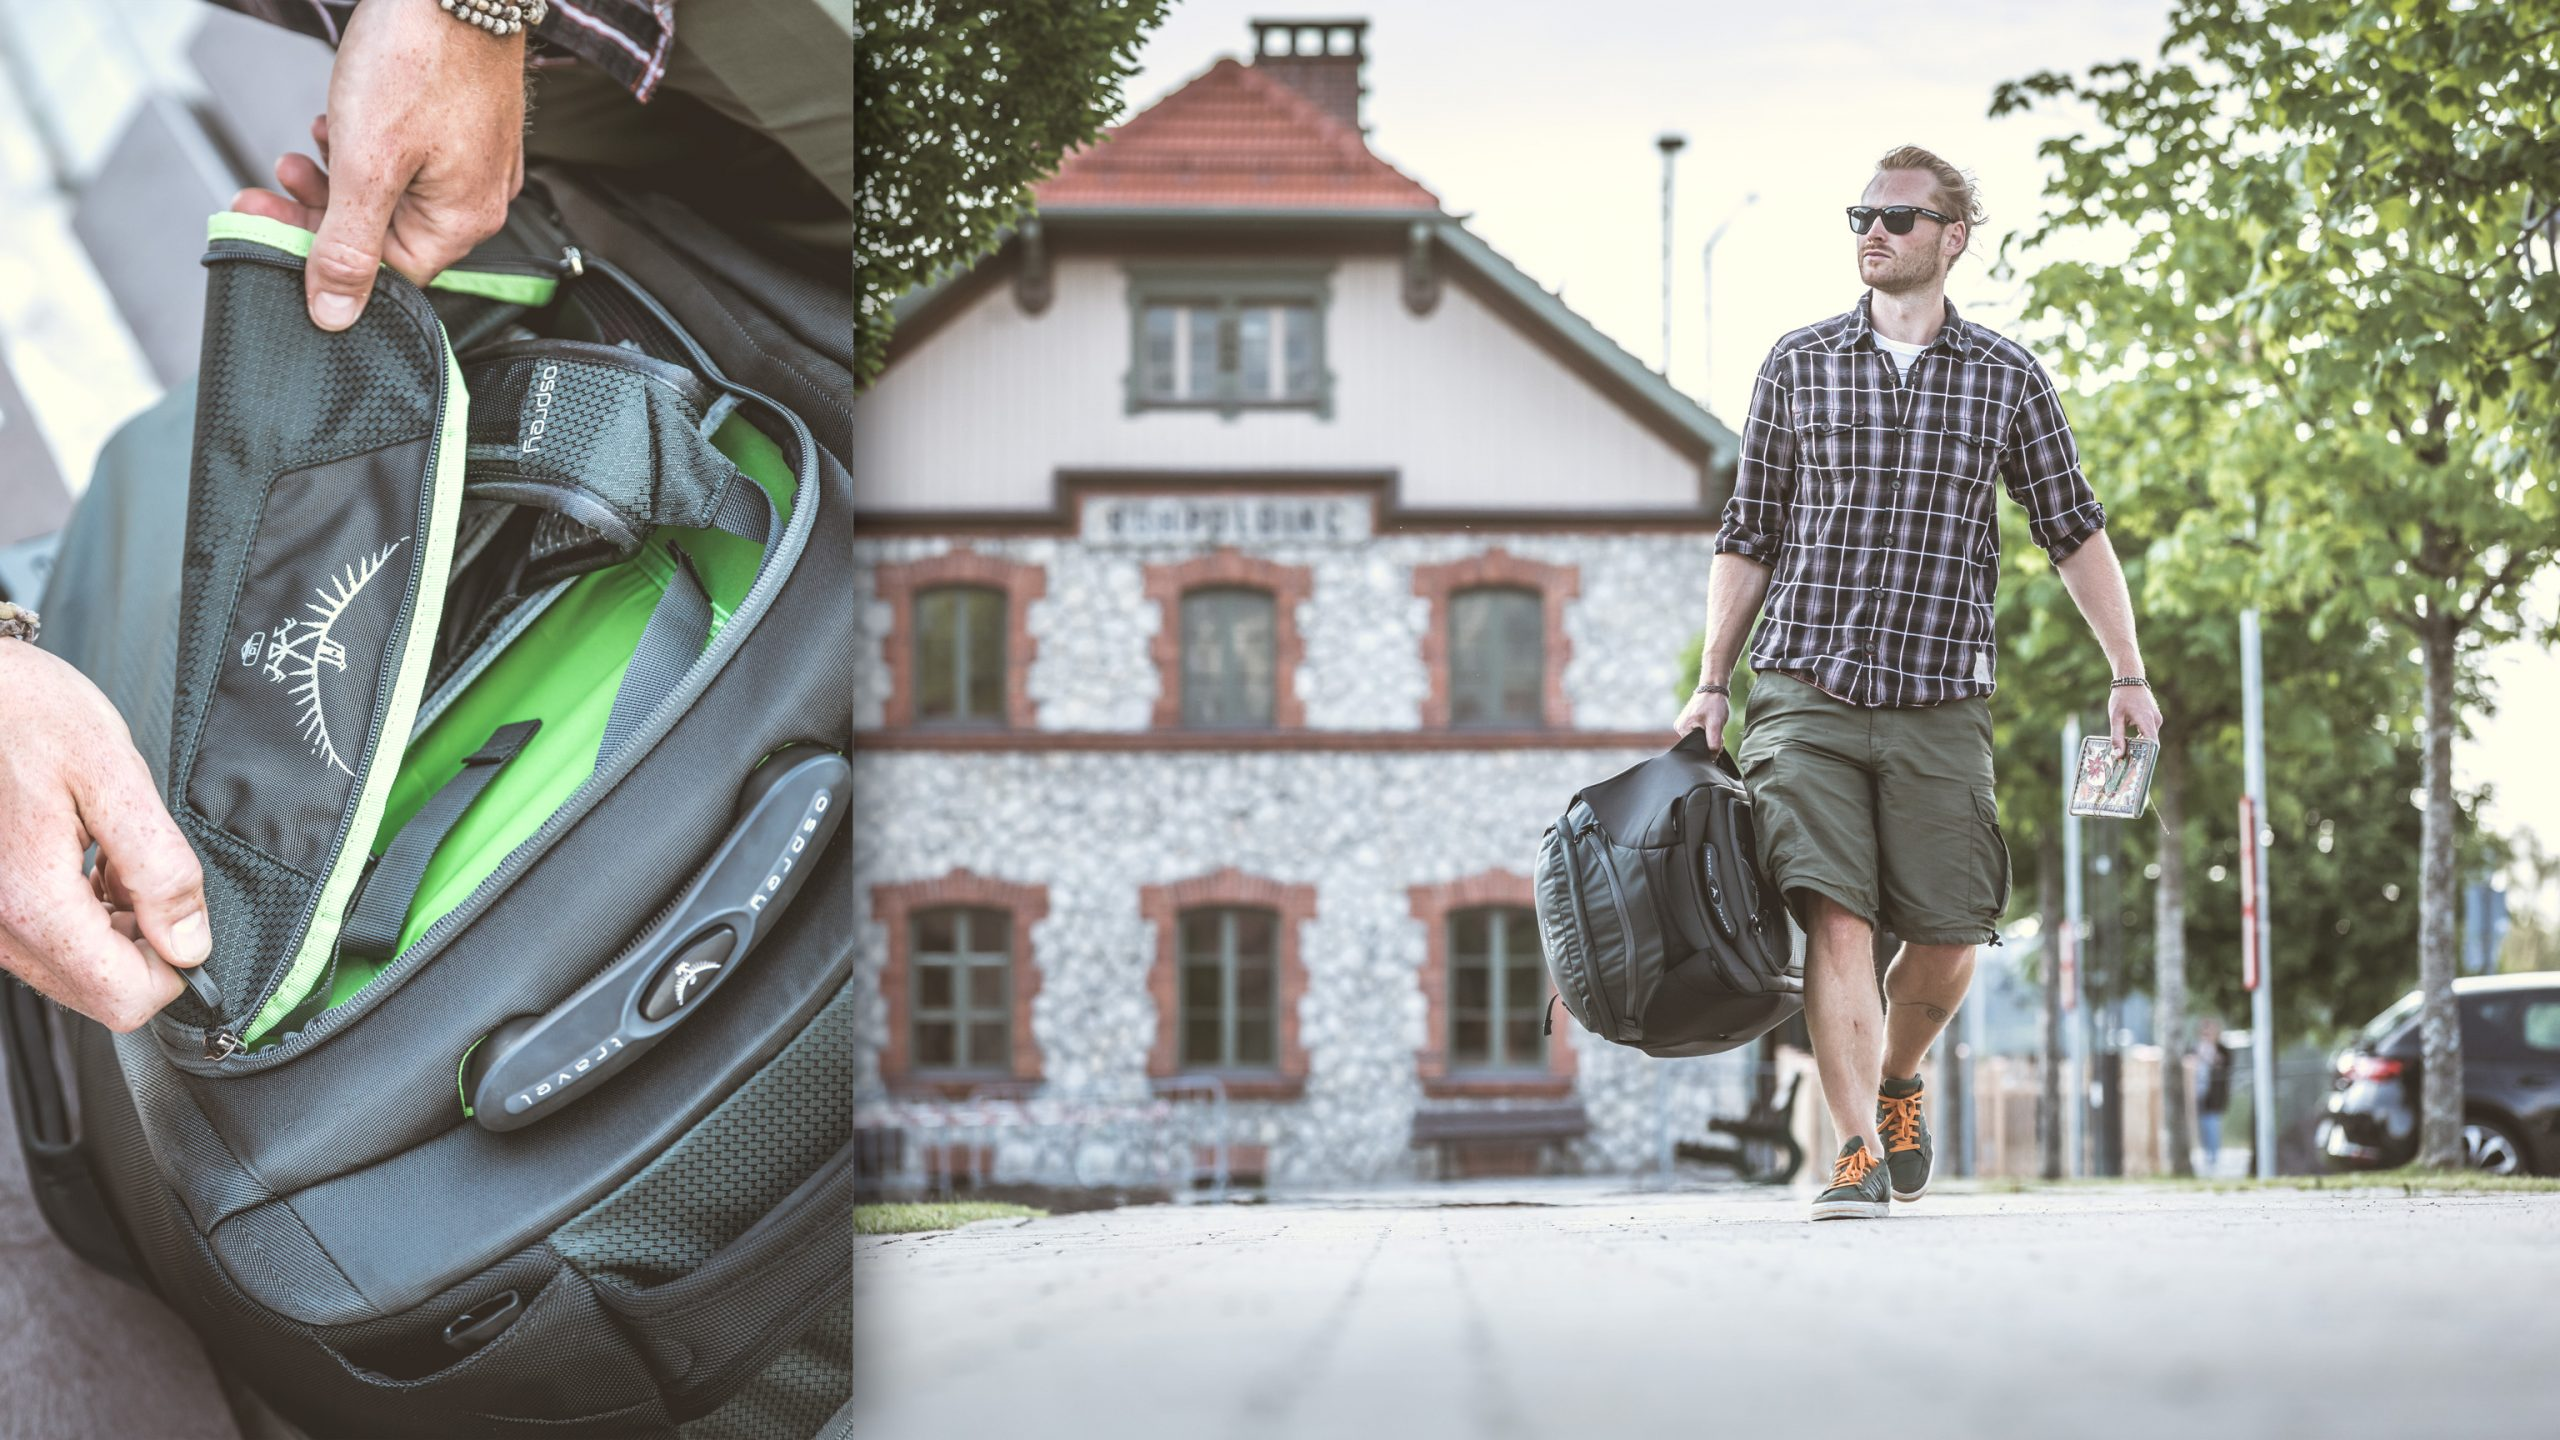 männlicher Reisender in Hemd und kurze Hose mit Sonnenbrille trägt Osprey Soujourn 80 Trolly Rucksack Koffer vor ländlichem Bahnhof - emotional Detail Reisverschluss